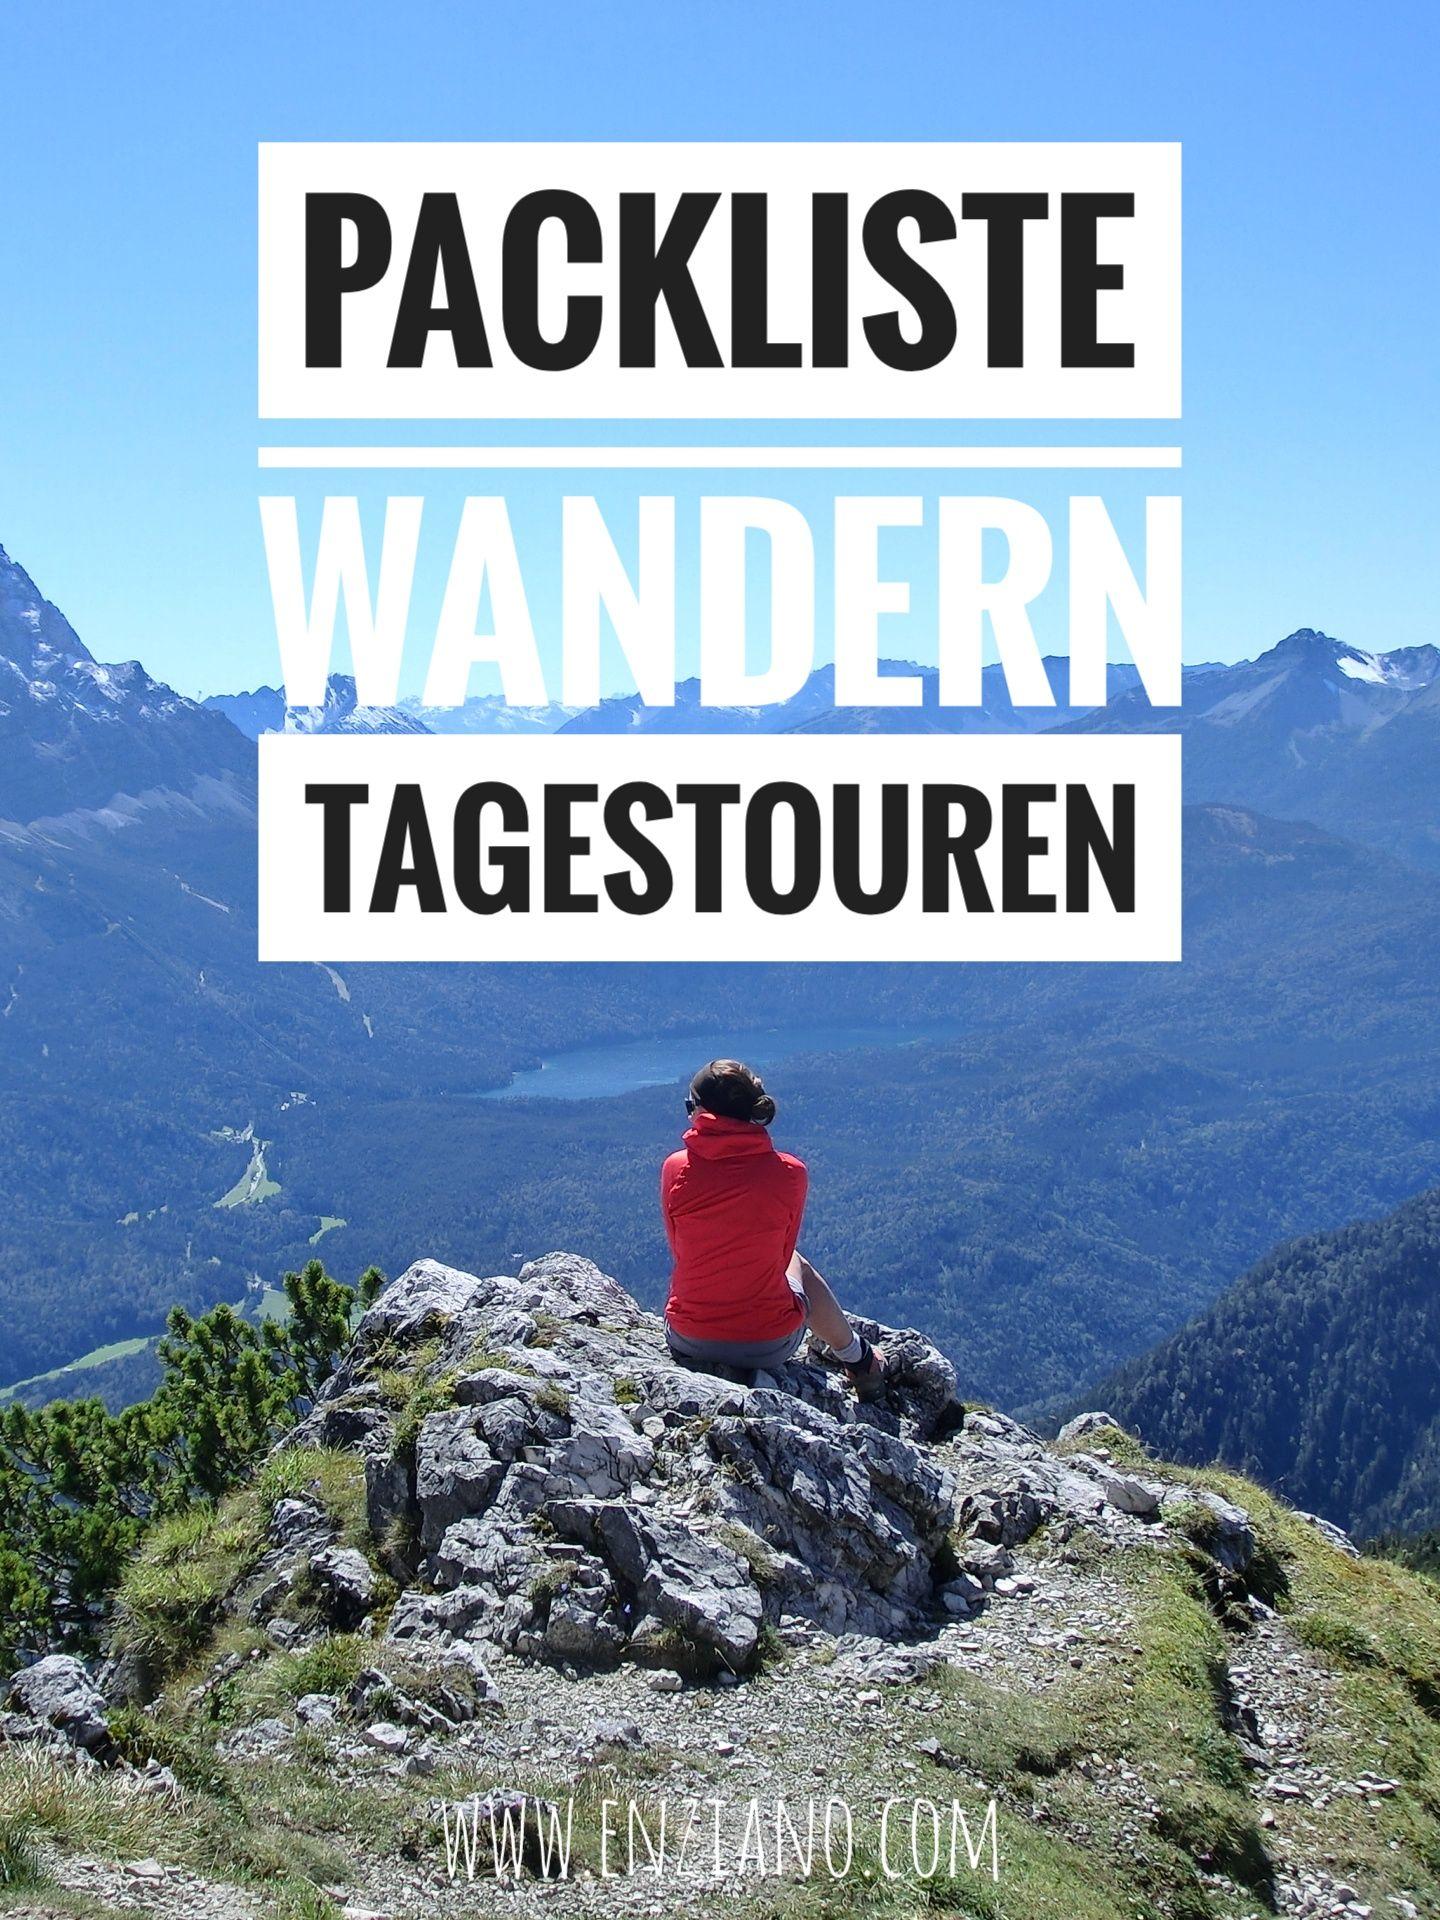 Packliste Wandern Fur Tagestouren Was Musst Du Fur Eine Tagestour Eigentlich In Deinen Rucksack Packen Und Was Nich Packliste Wandern Wandern Packliste Urlaub